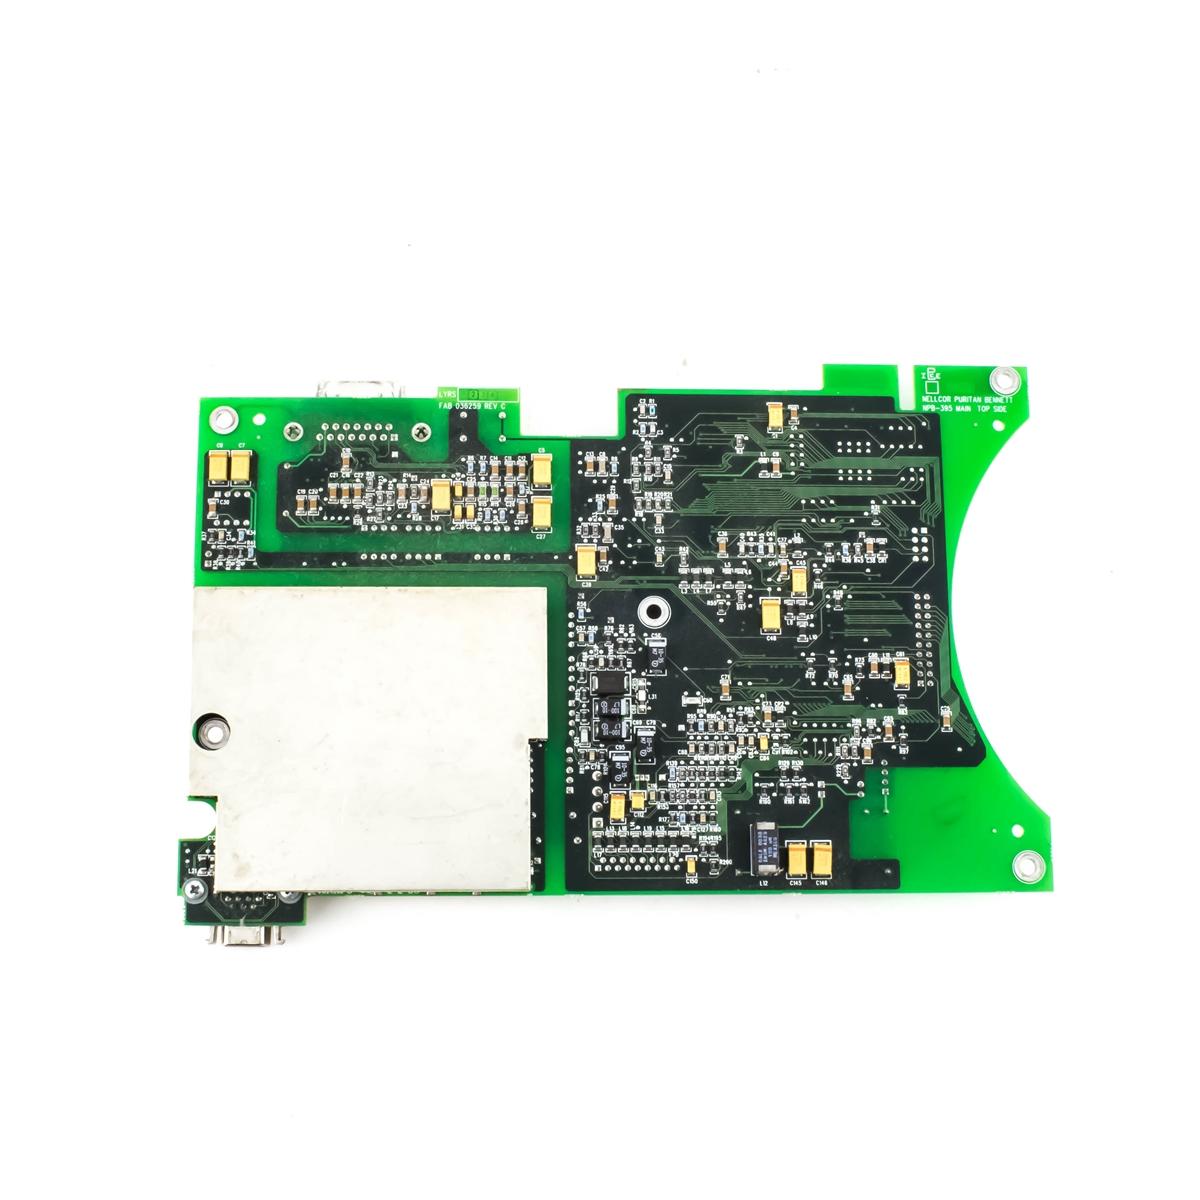 Nellcor N-395 Pulse Oximeter Monitor User Interface PCB Circuit Board